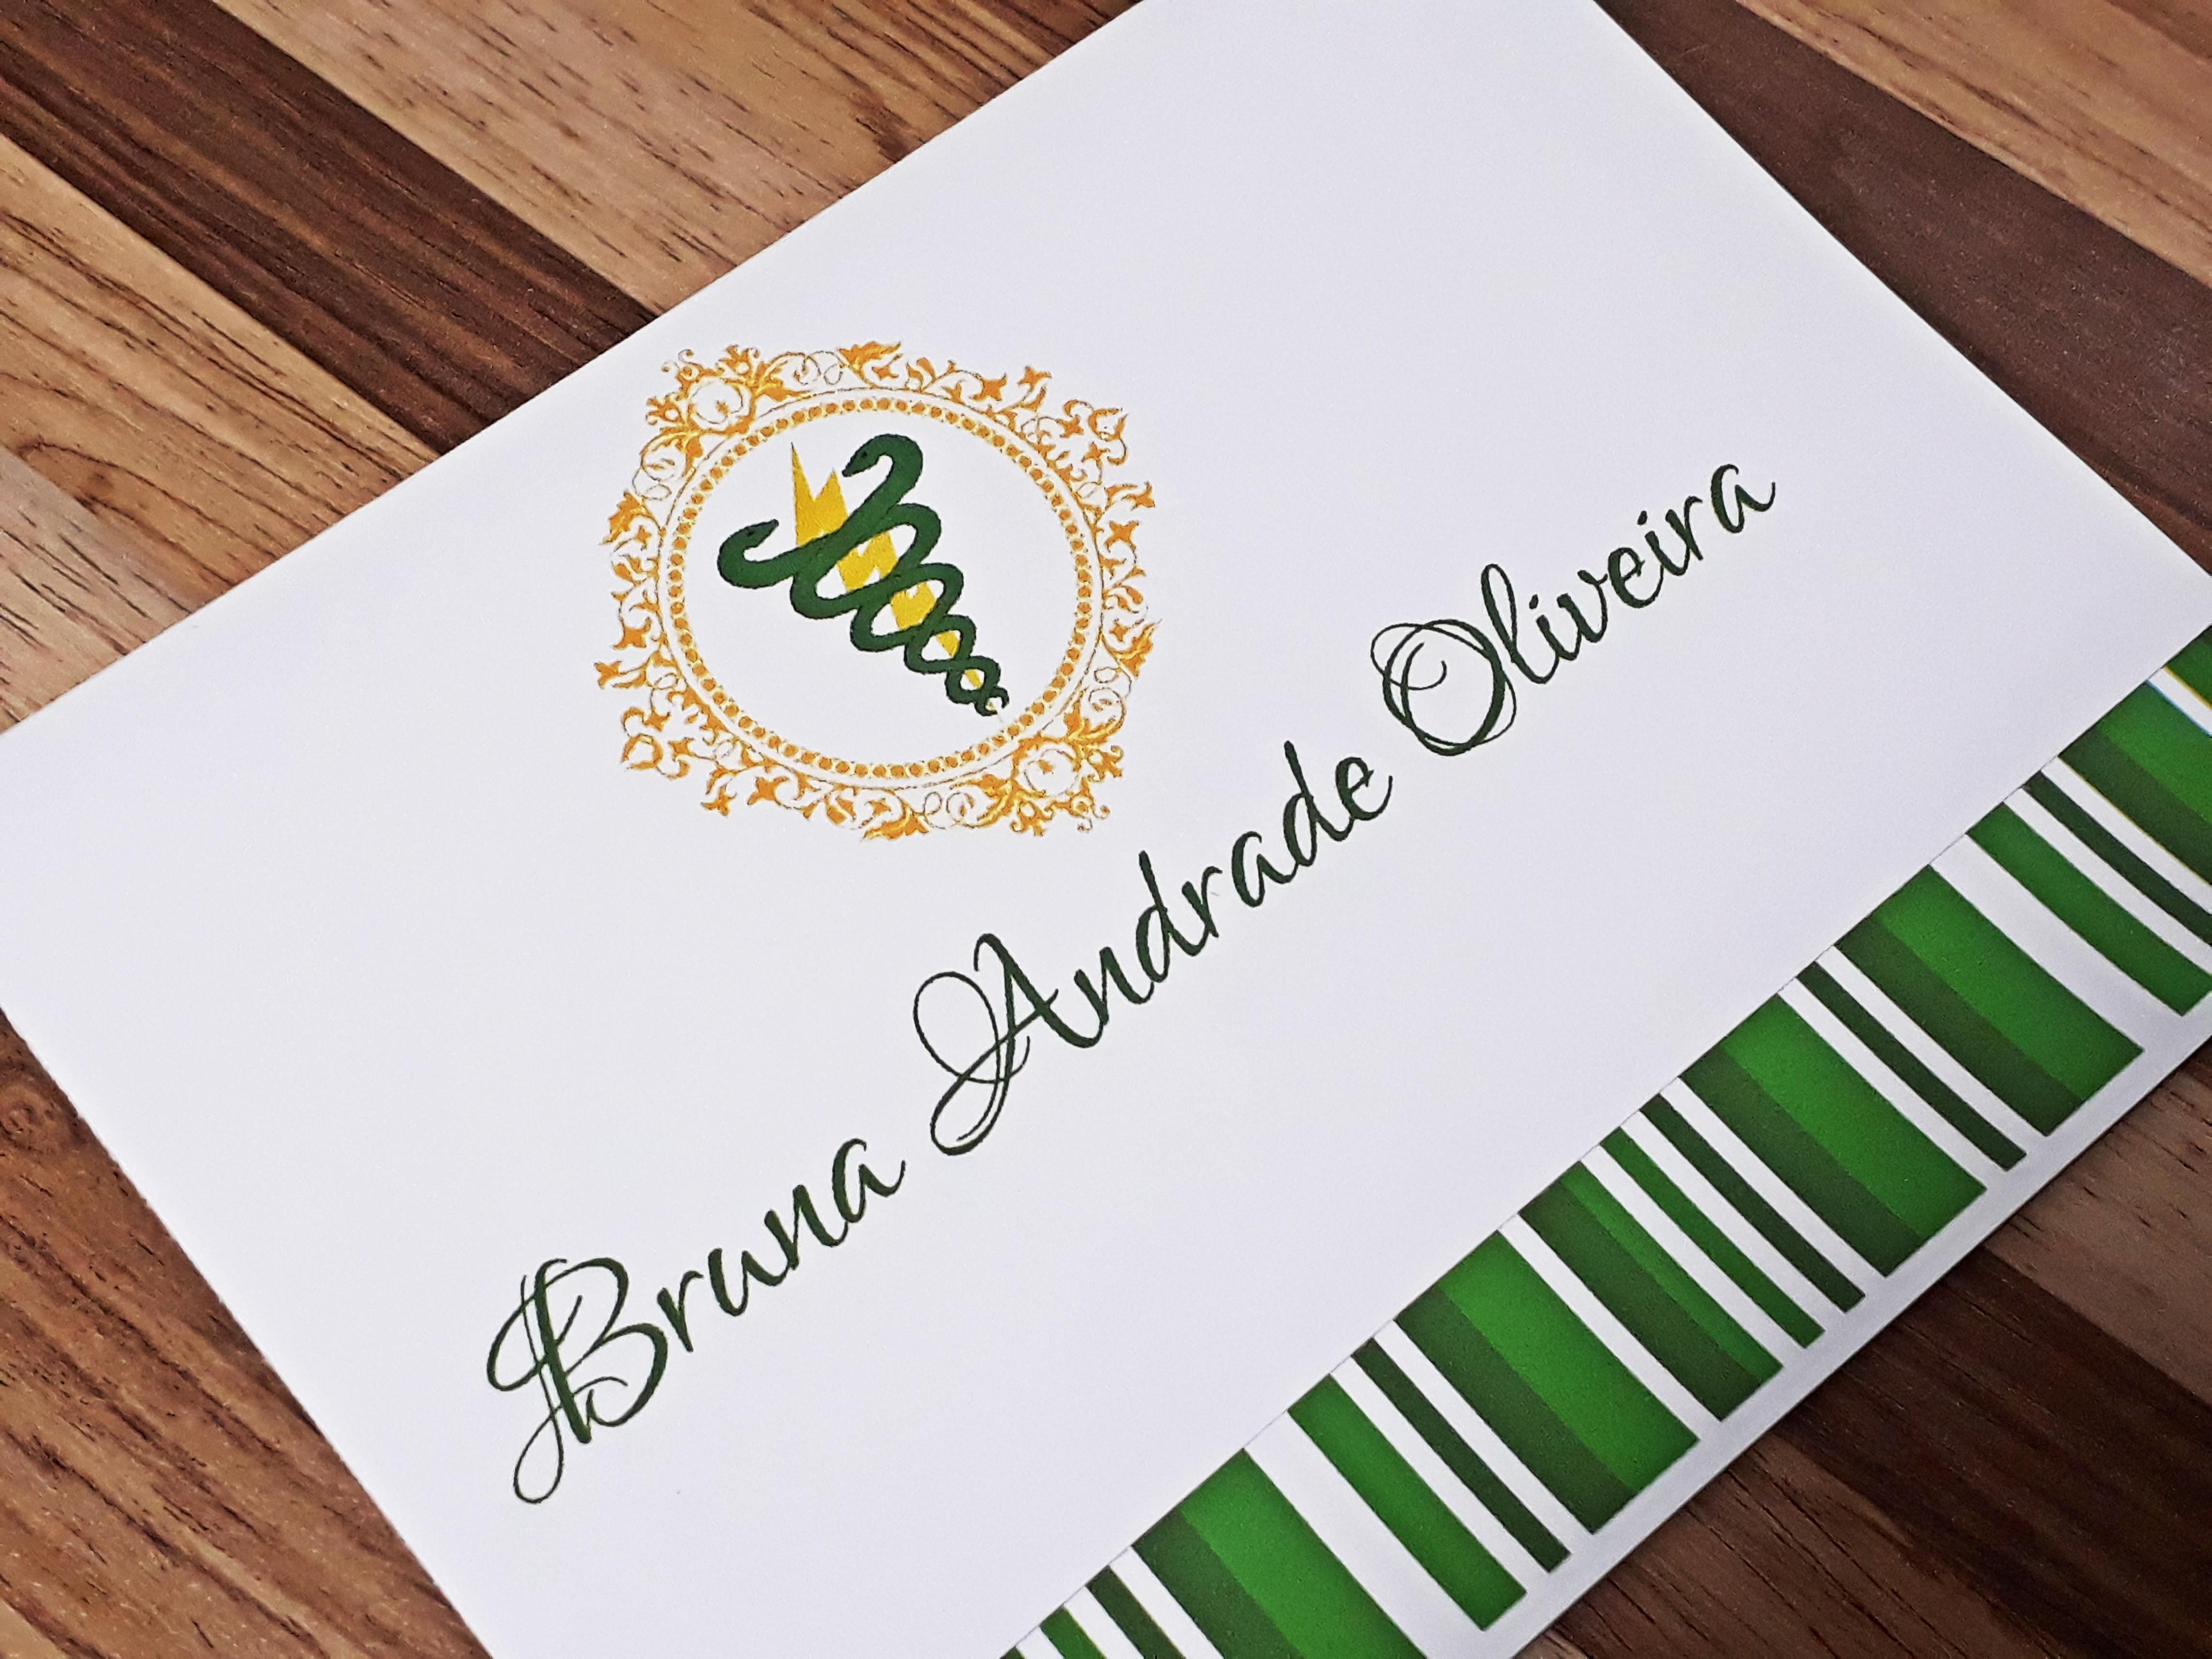 Convite Formatura Barato No Elo7 Convicanto B605aa